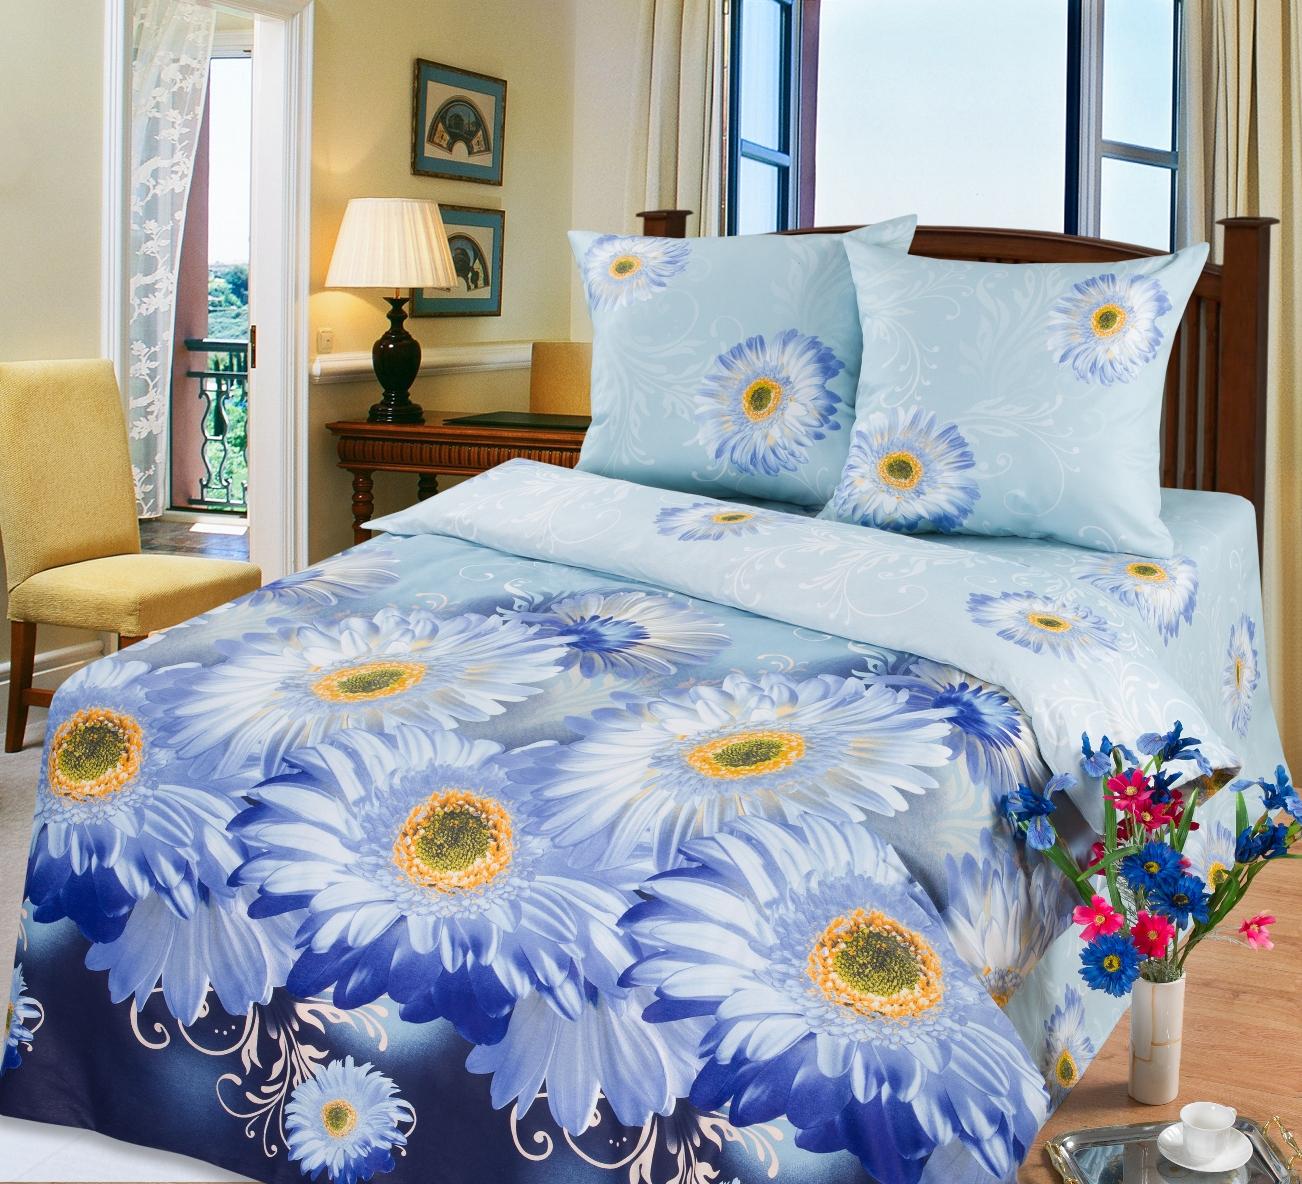 Комплект 1,5 спального белья из бязи «Агата», размер 1,5 сп.. Производитель: АртПостель, артикул: 8037